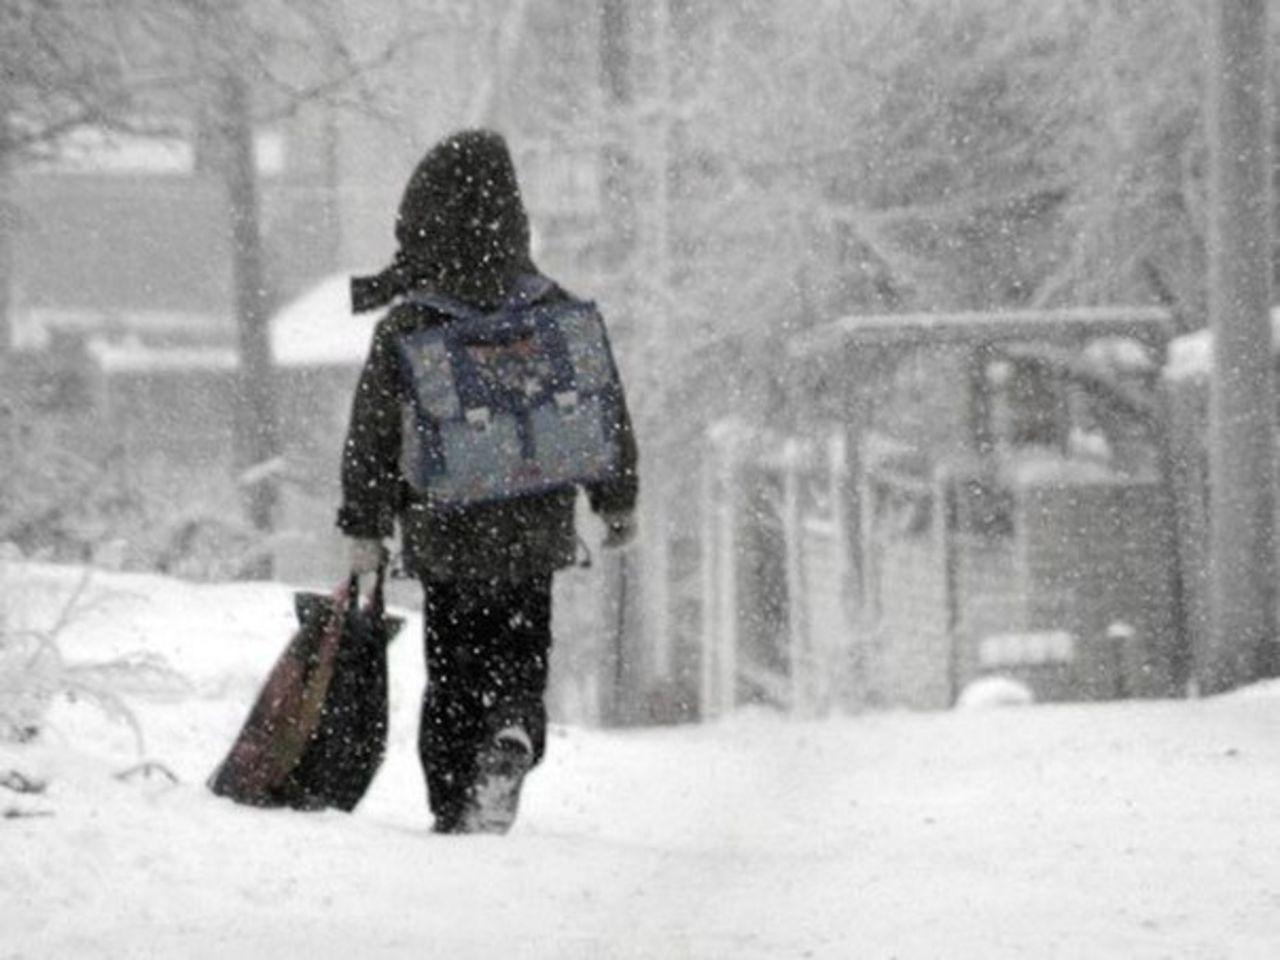 В КГГА сообщили, что школы и детсады восстановят работу с 15 февраля